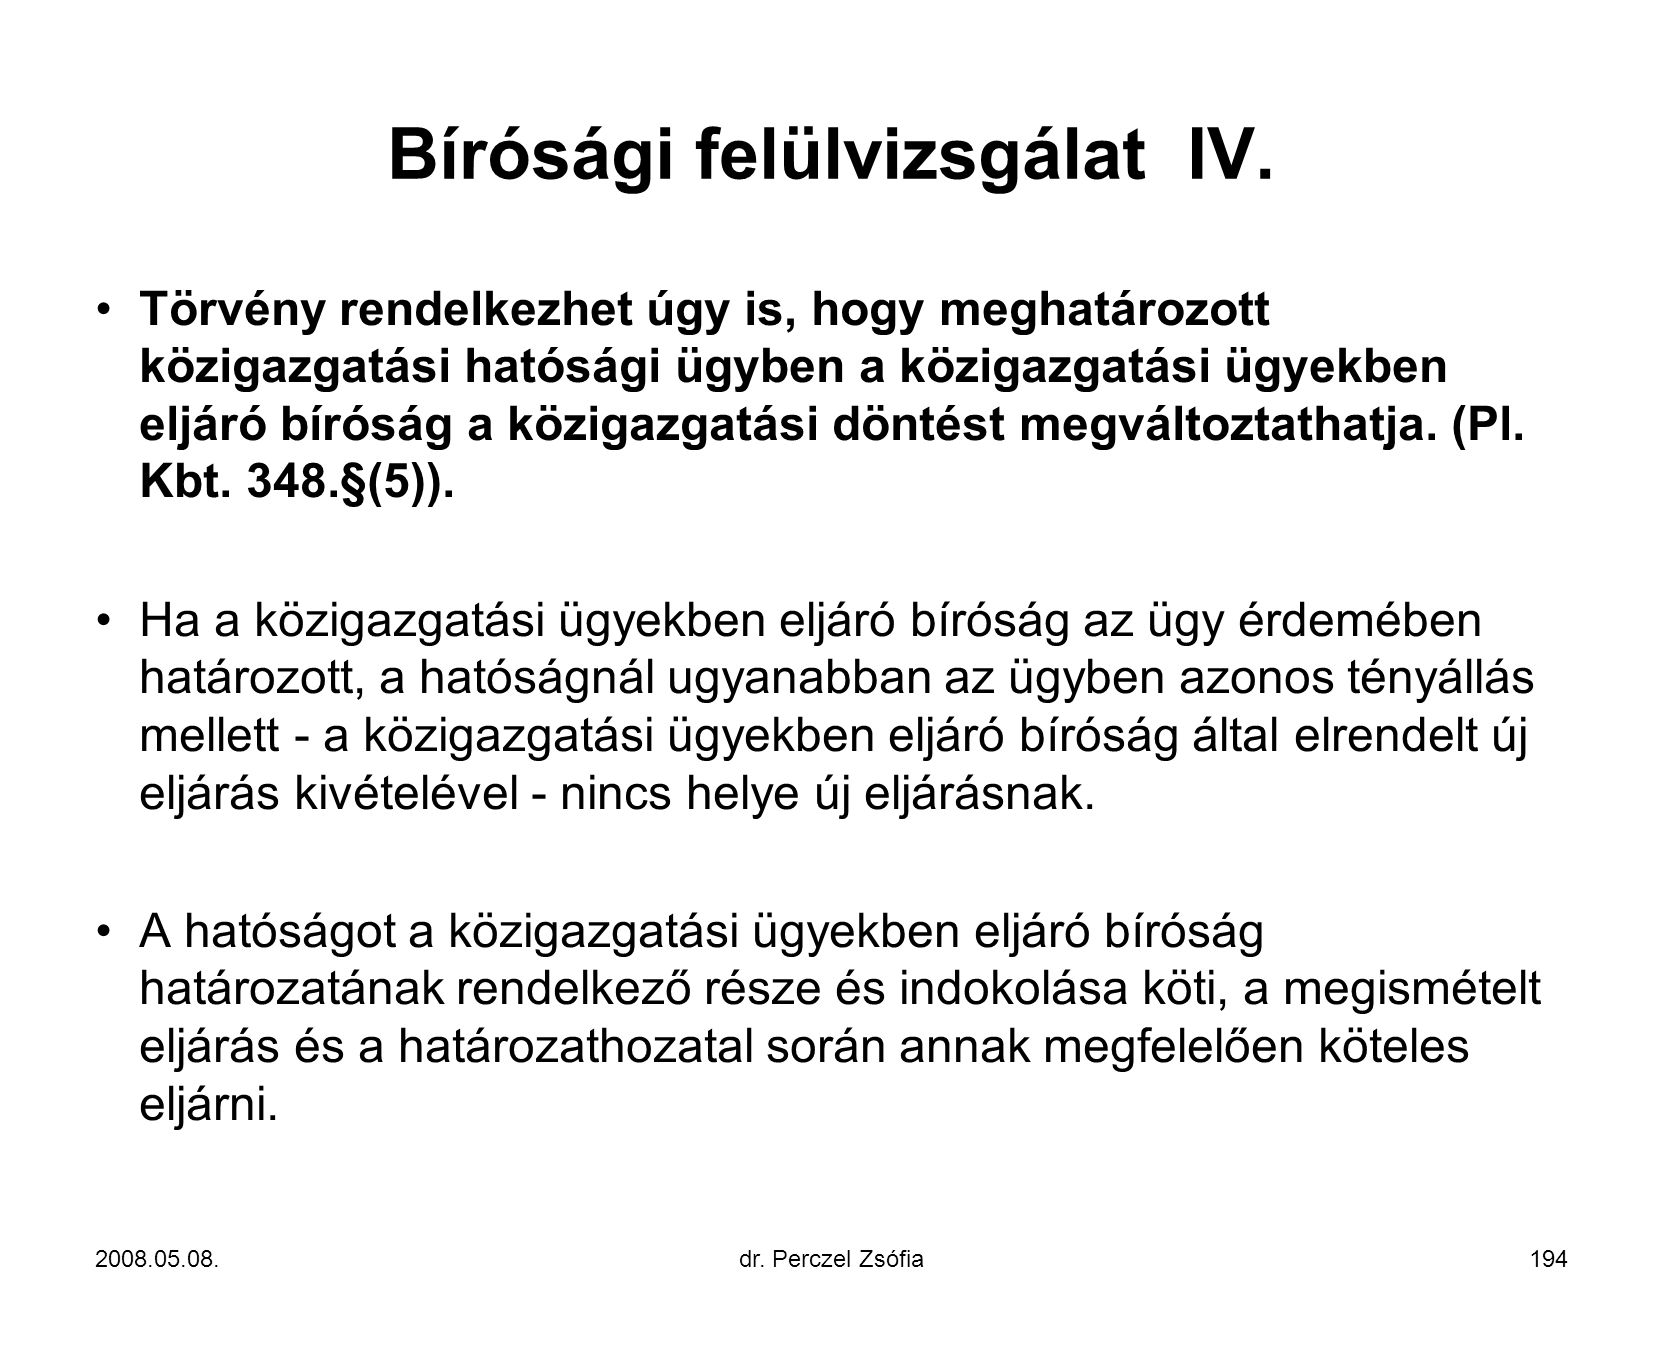 Bírósági felülvizsgálat IV.